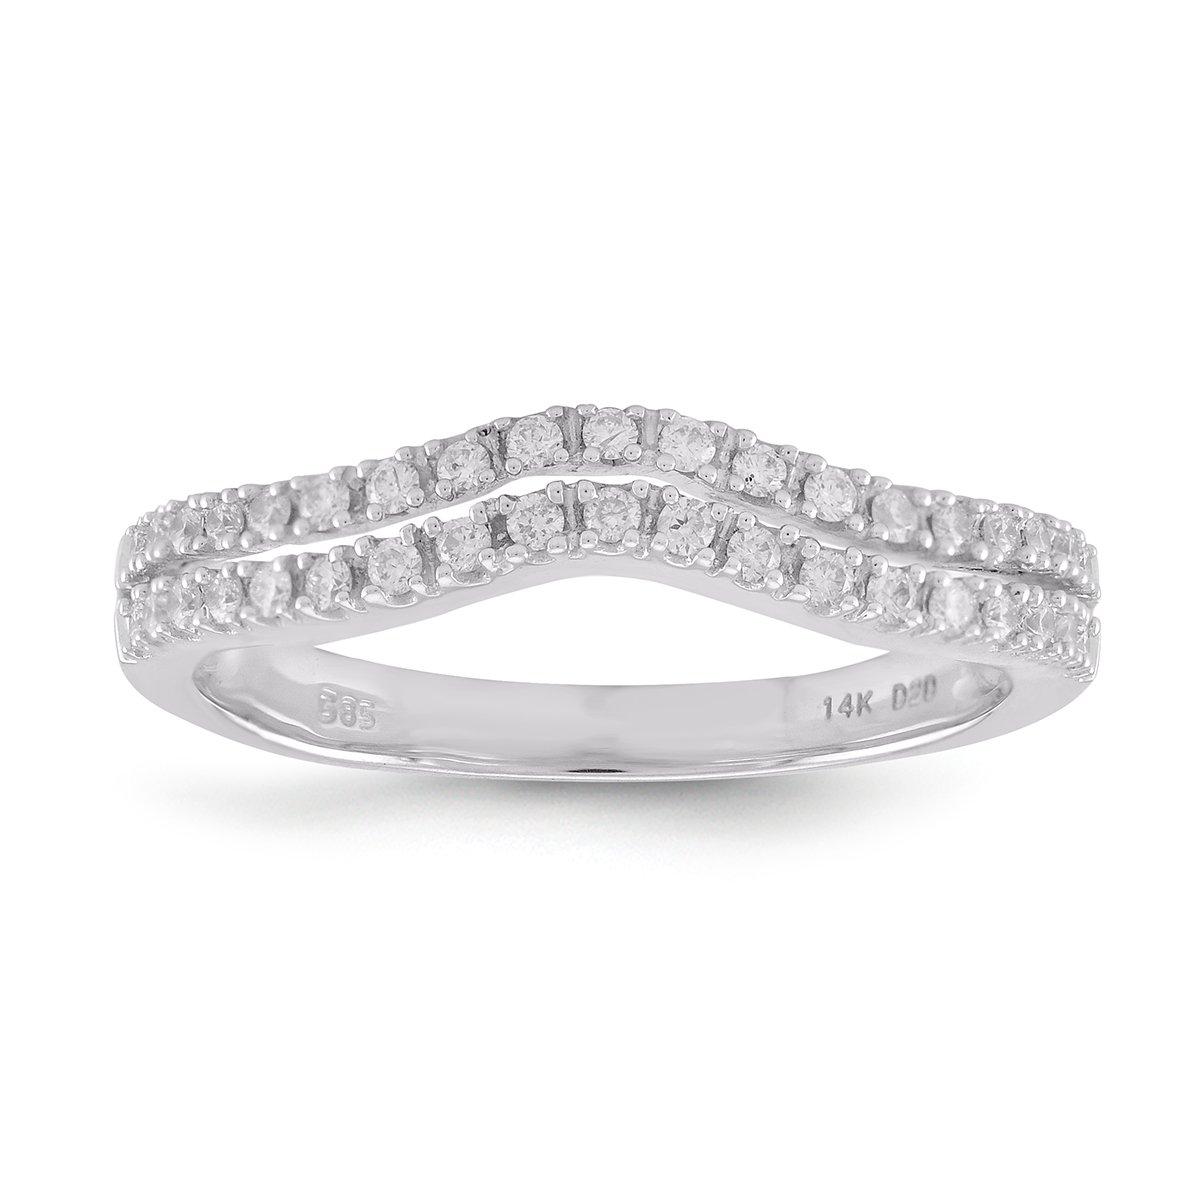 Diamond2Deal Diamond Wedding Band Ring for Women in 14K White Gold 0.25cttw (7)